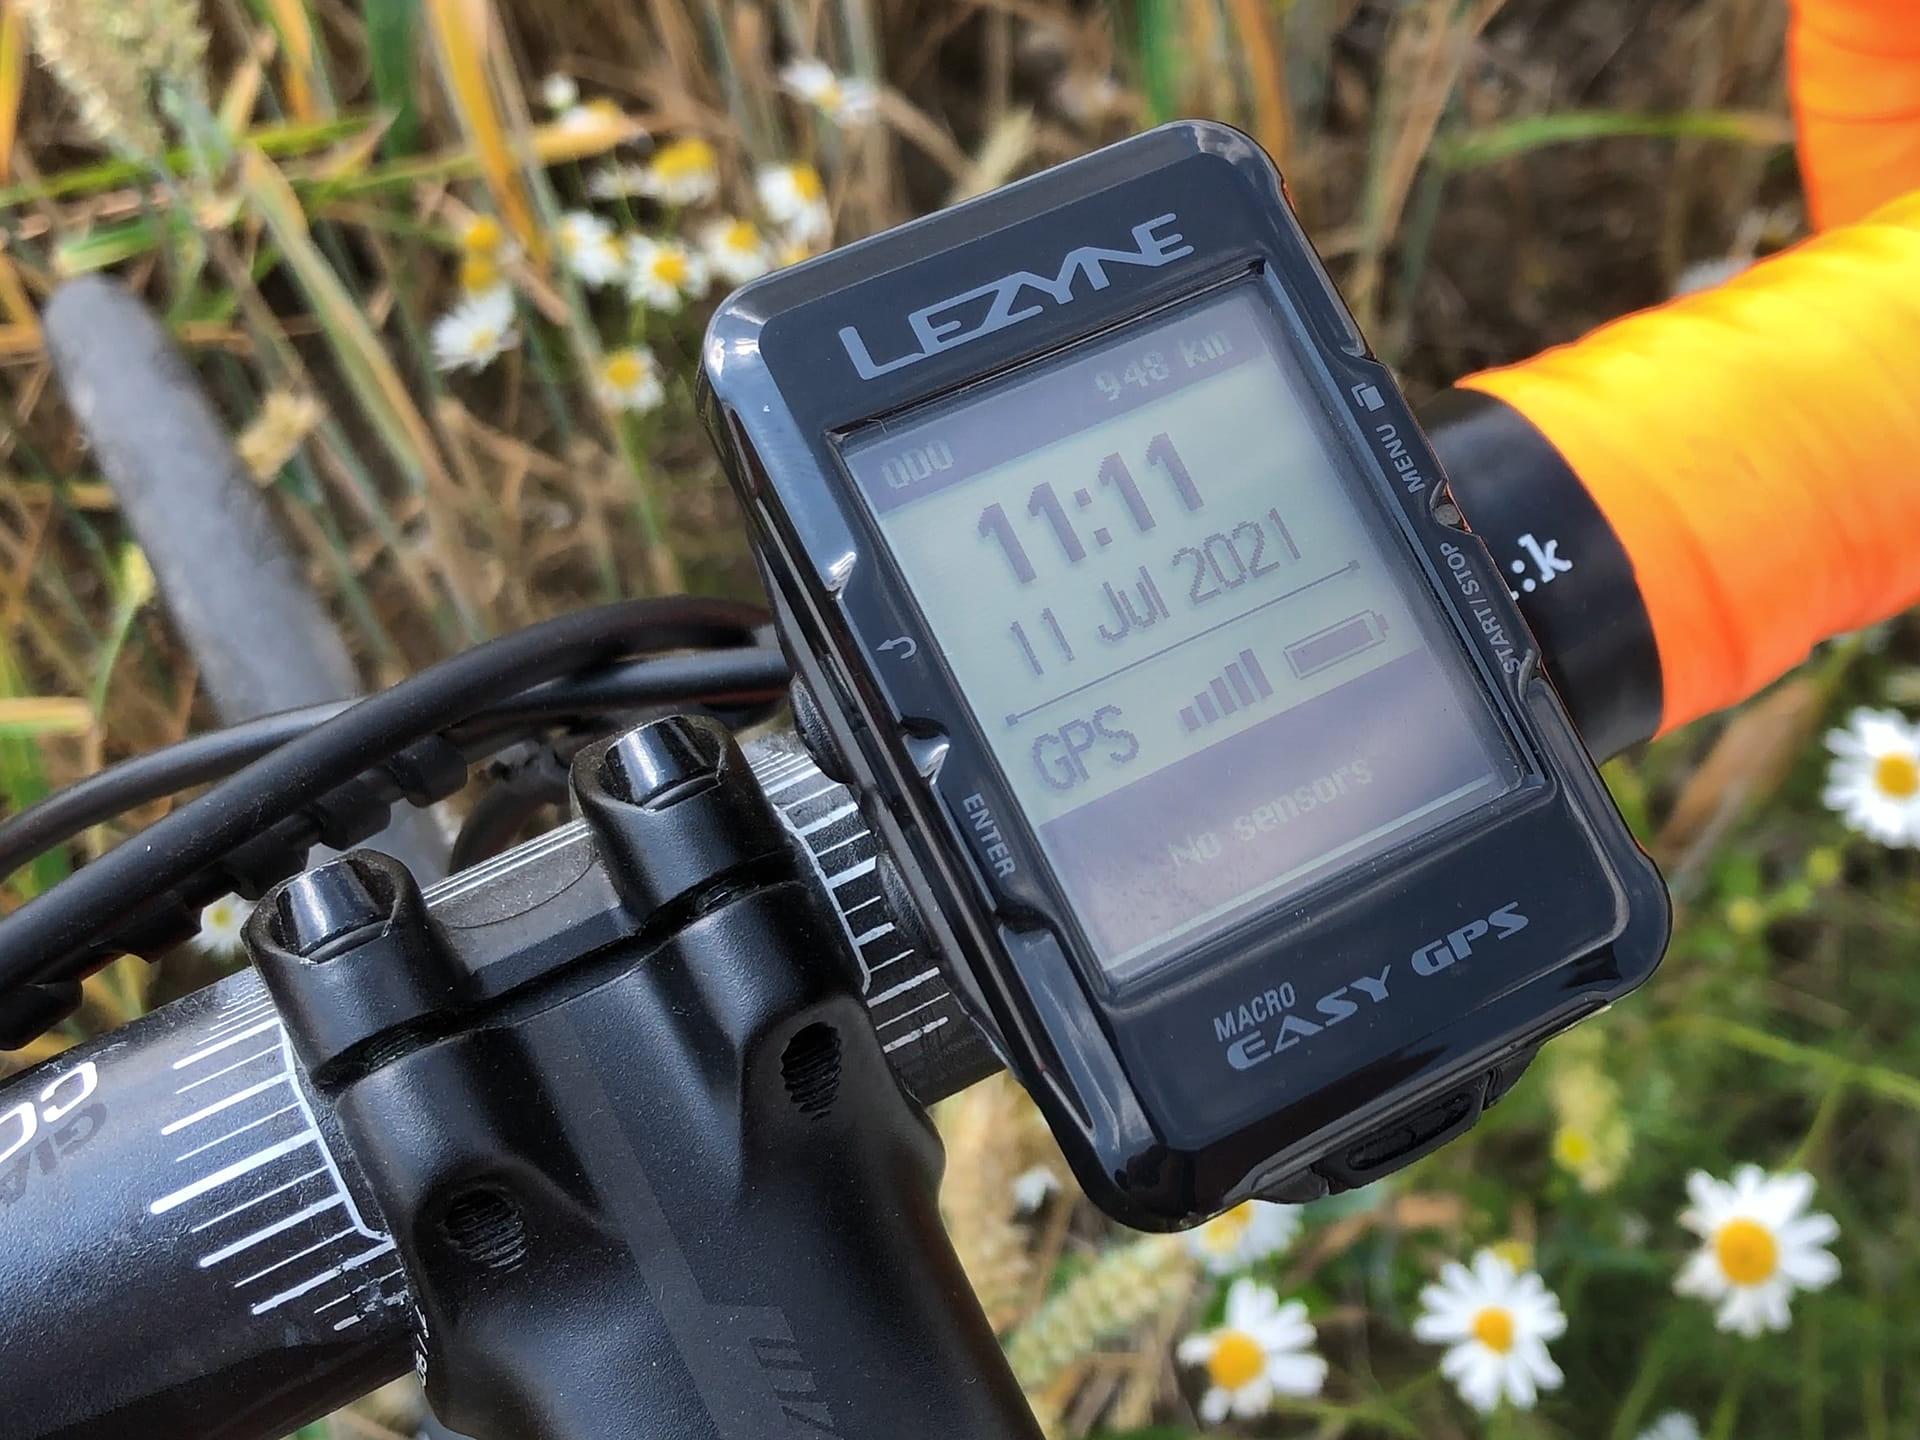 Wideo recenzja licznika Lezyne Easy GPS